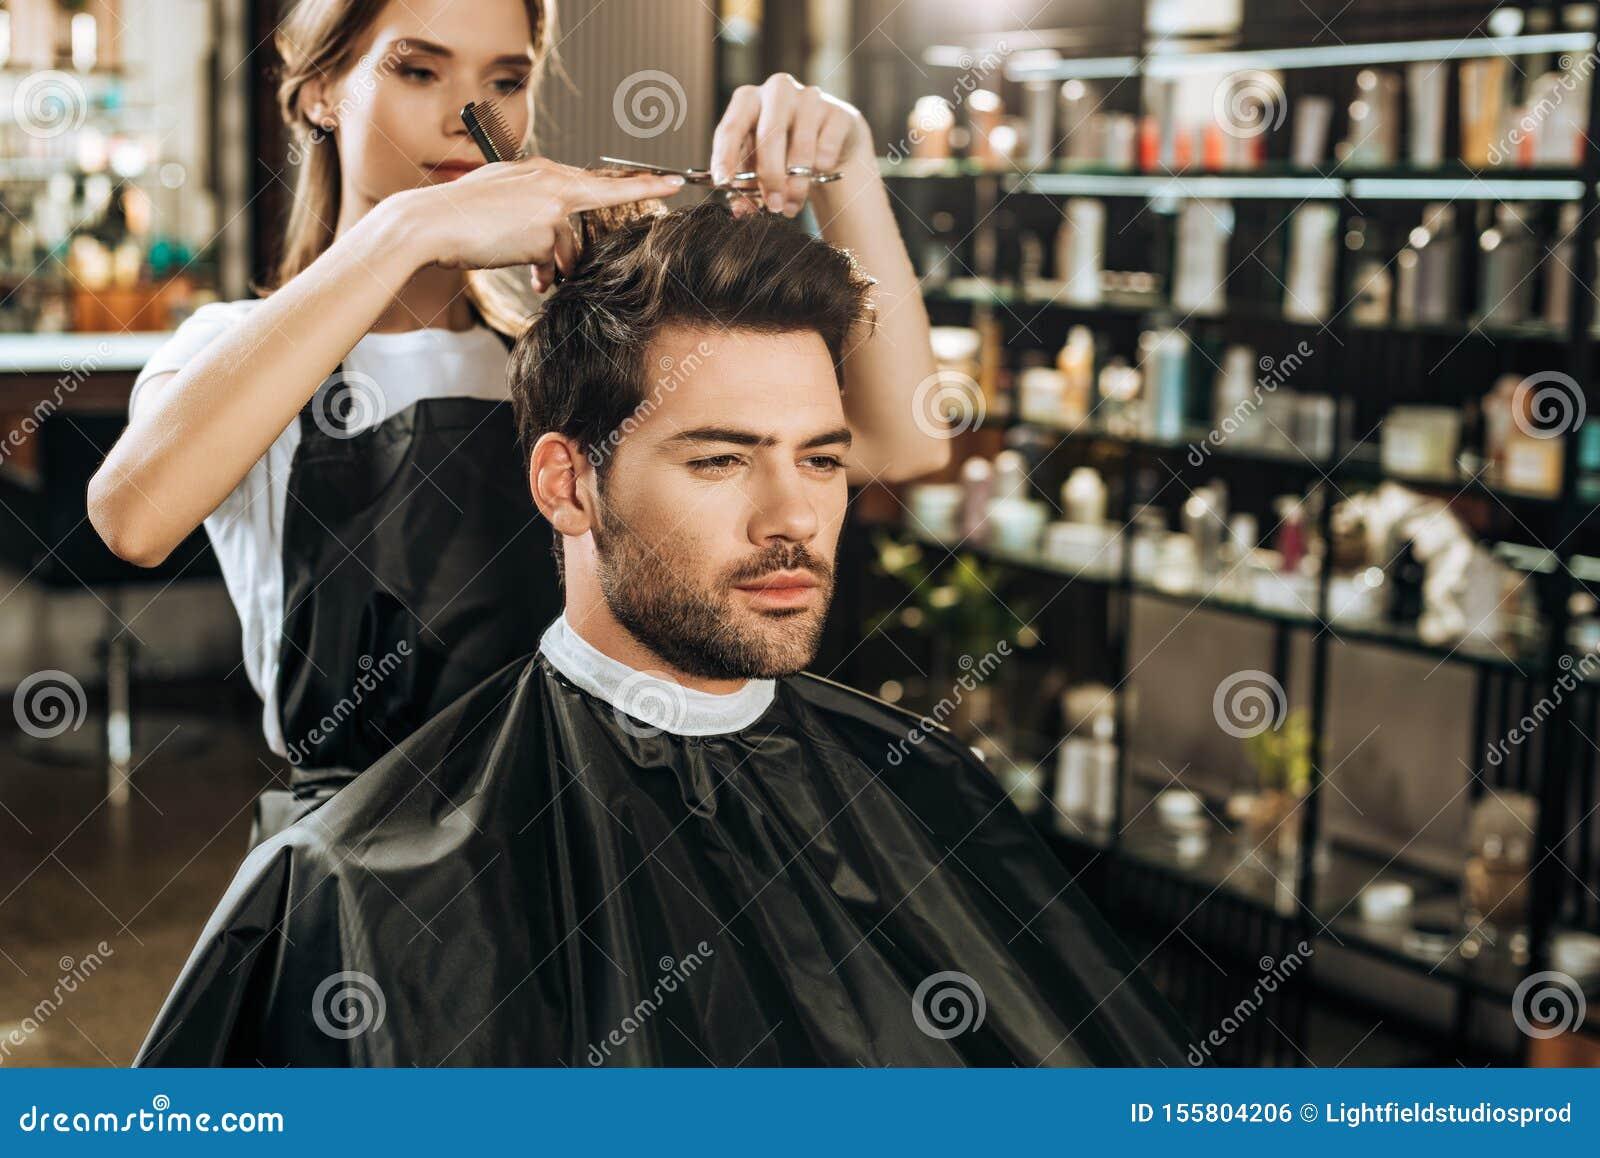 Männer haare schöne Männerfrisuren 2021: